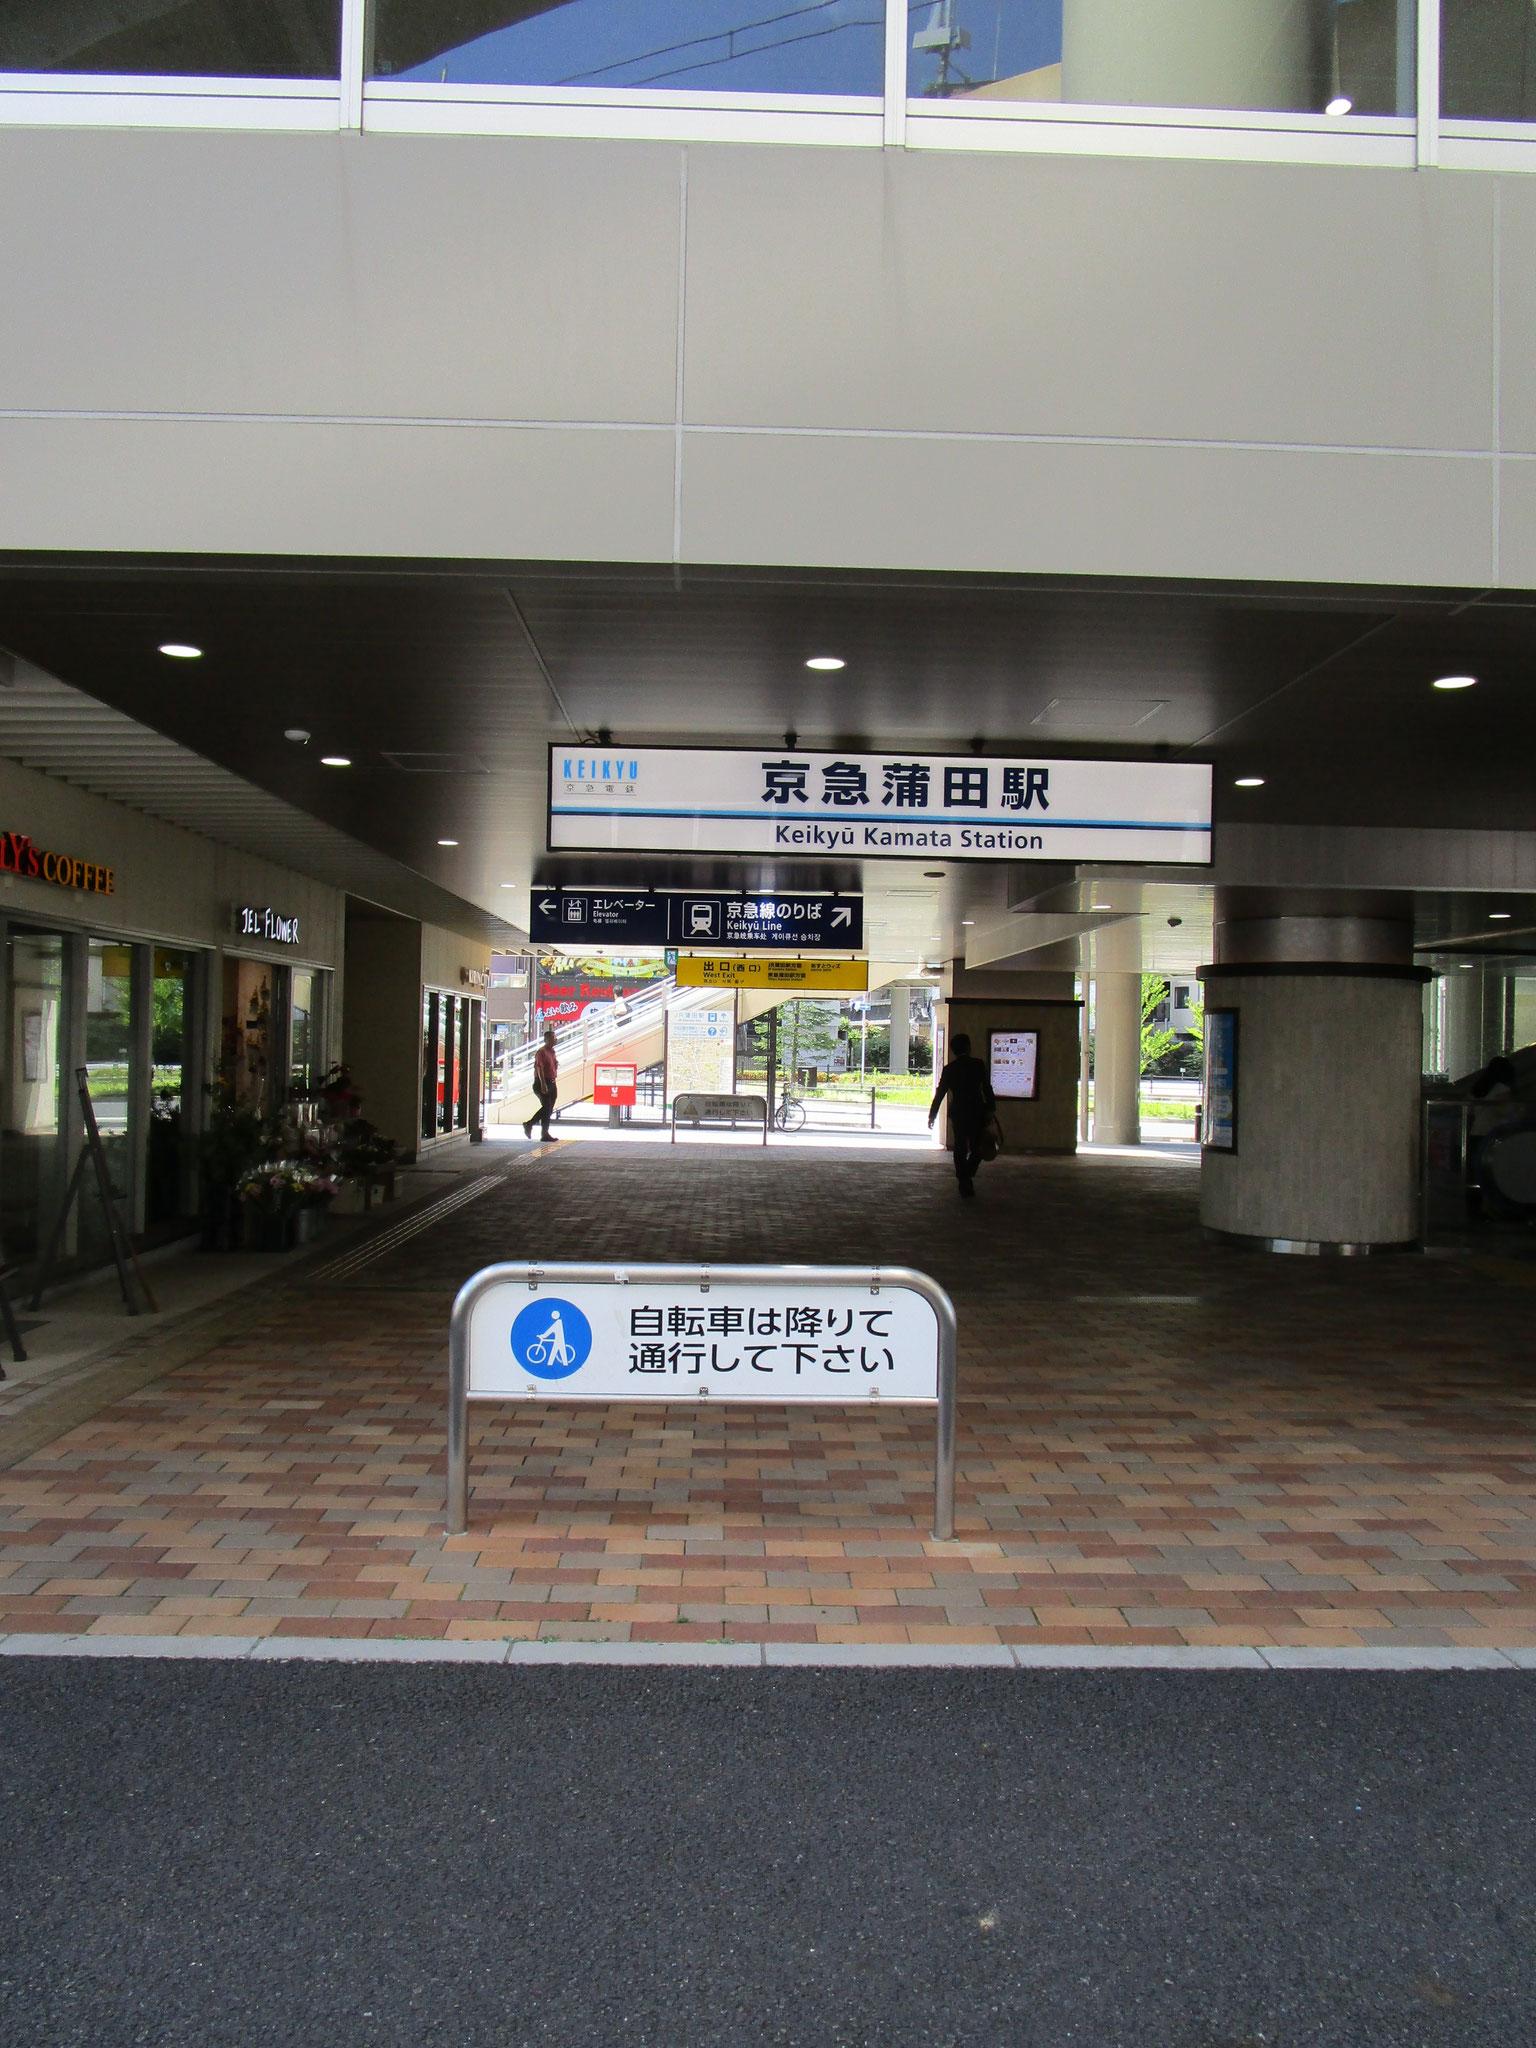 「京急蒲田」駅東口と西口は通り抜け可能